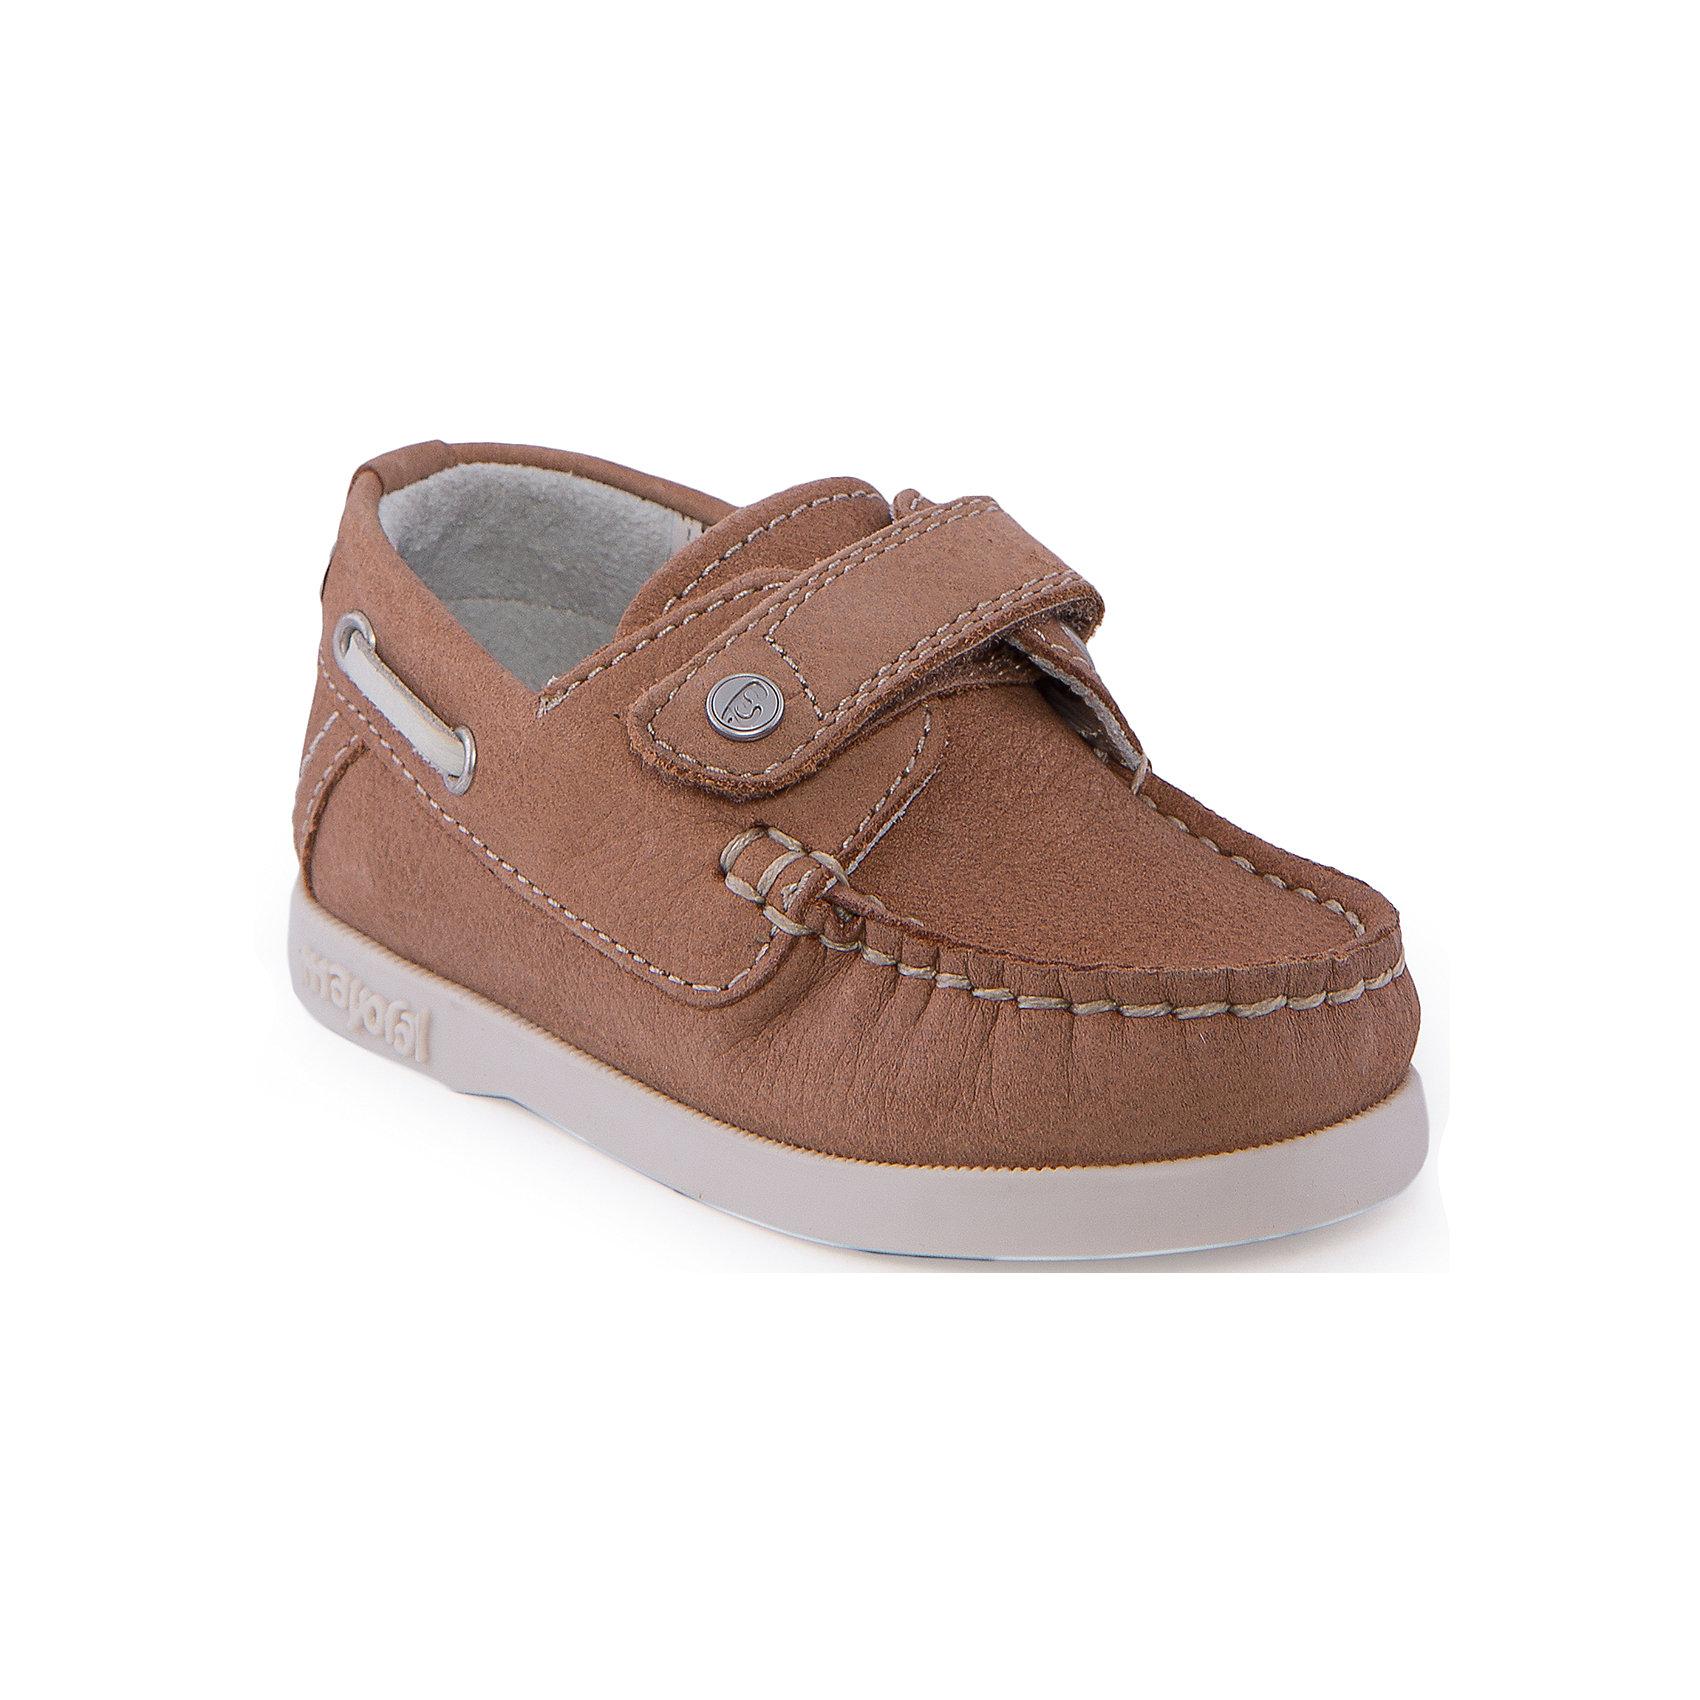 Мокасины для мальчика MayoralМокасины<br>Туфли для мальчика от известной марки Mayoral<br><br>Красивые удобные туфли дополнят образ ребенка в новом весенне-летнем сезоне. Эта модель разработала специально для детей - они комфортные, легко надеваются, отлично выглядят. Сделаны они из легкого, но прочного материала. Комфортно садятся по ноге и не натирают.<br><br>Особенности модели:<br><br>- цвет: бежевый;<br>- плоская нескользящая подошва;<br>- материал - бычья кожа;<br>- застежка-липучка;<br>- декорированы контрастным шнурком;<br>- качественная прошивка.<br><br>Дополнительная информация:<br><br>Состав: верх - натуральная кожа;<br>стелька - натуральная кожа;<br>подошва - полиуретан.<br><br>Кеды от Mayoral (Майорал) можно купить в нашем магазине.<br><br>Ширина мм: 250<br>Глубина мм: 150<br>Высота мм: 150<br>Вес г: 250<br>Цвет: коричневый<br>Возраст от месяцев: 15<br>Возраст до месяцев: 18<br>Пол: Мужской<br>Возраст: Детский<br>Размер: 22,20,25,24,23,21<br>SKU: 4539460